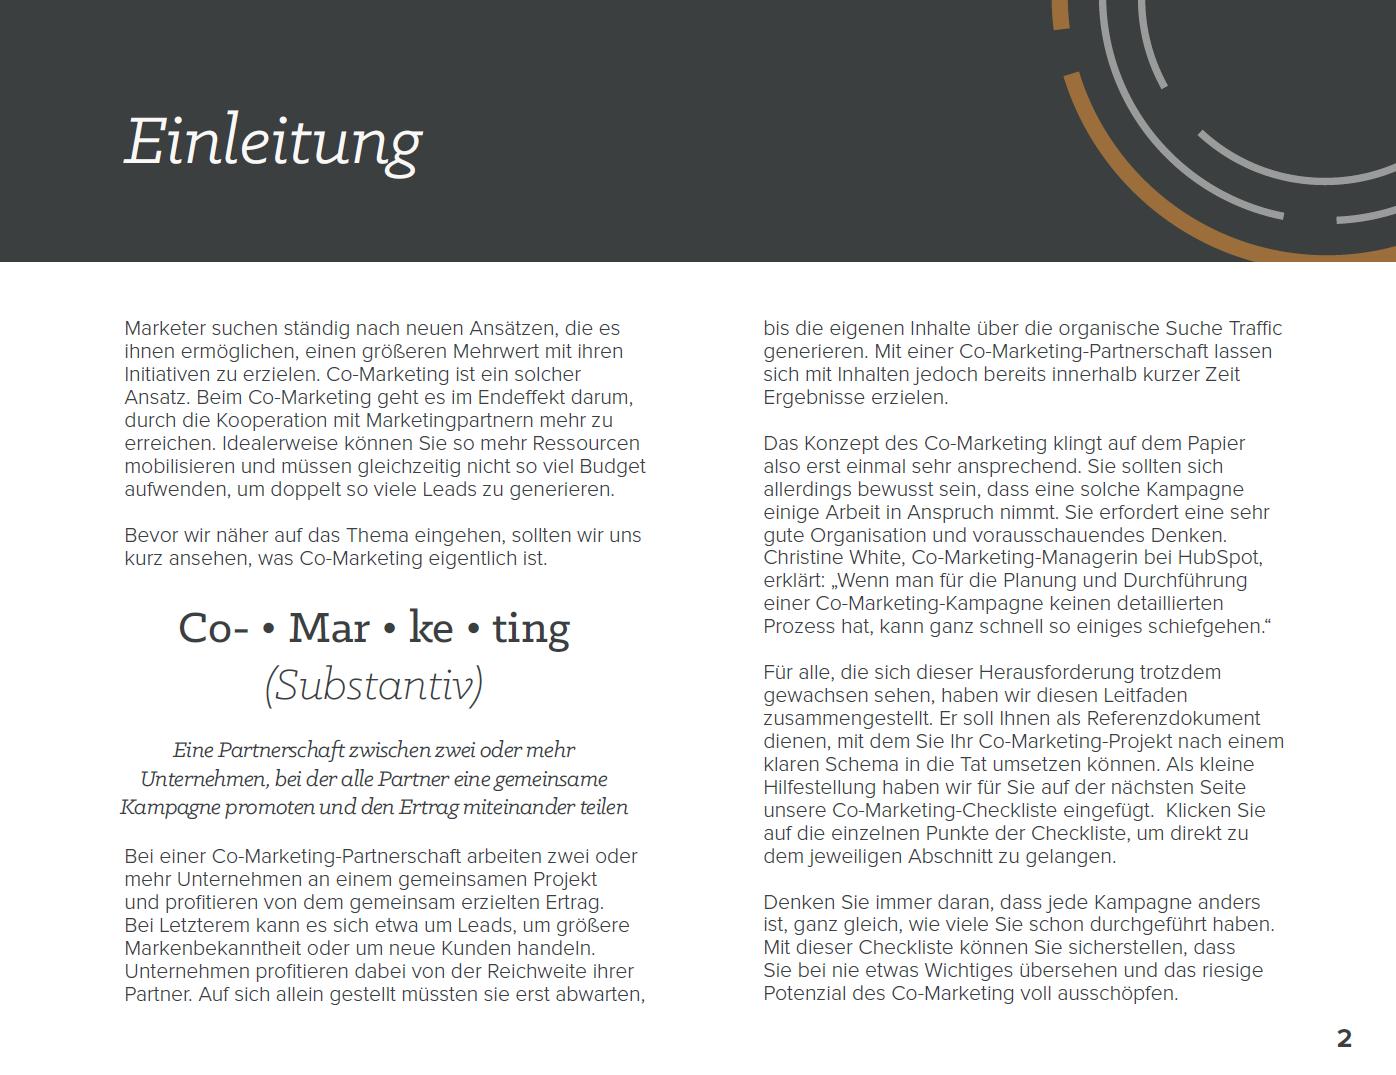 HubSpot-Co-Marketing-in-10-Schritten-Vorschau-02